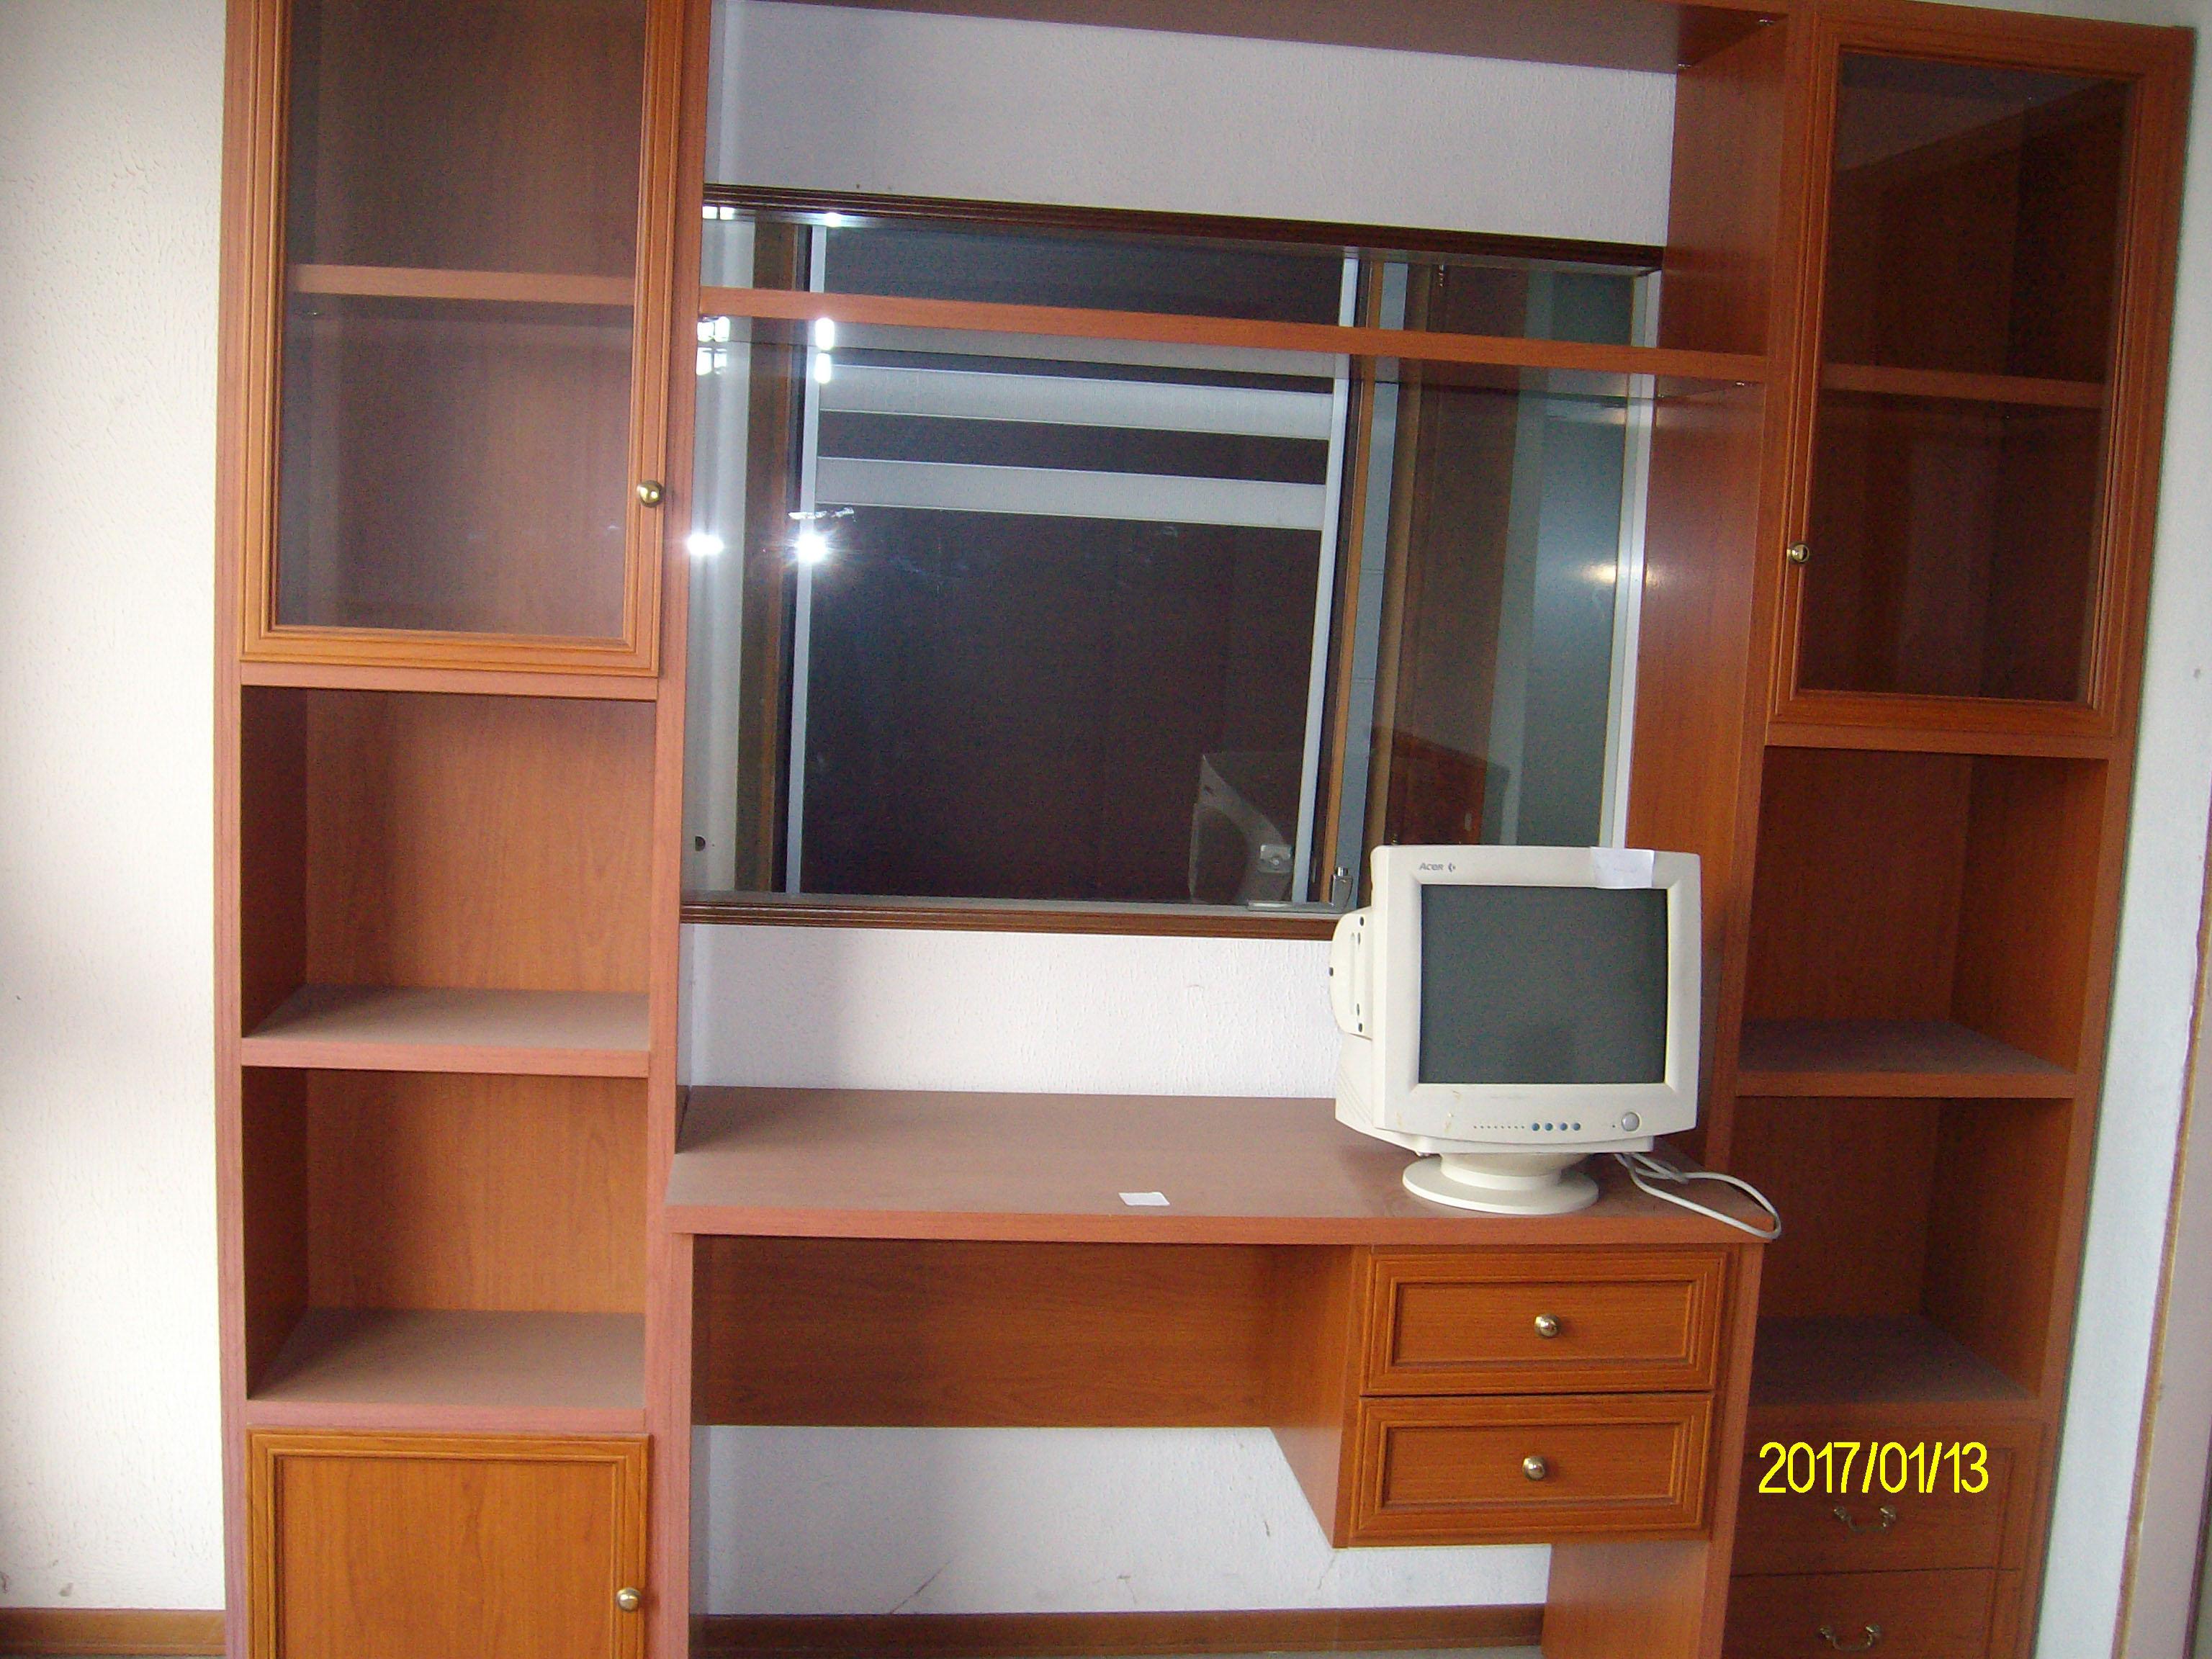 Cameretta aste mobili il portale delle aste giudiziarie - Aste arredamento casa ...